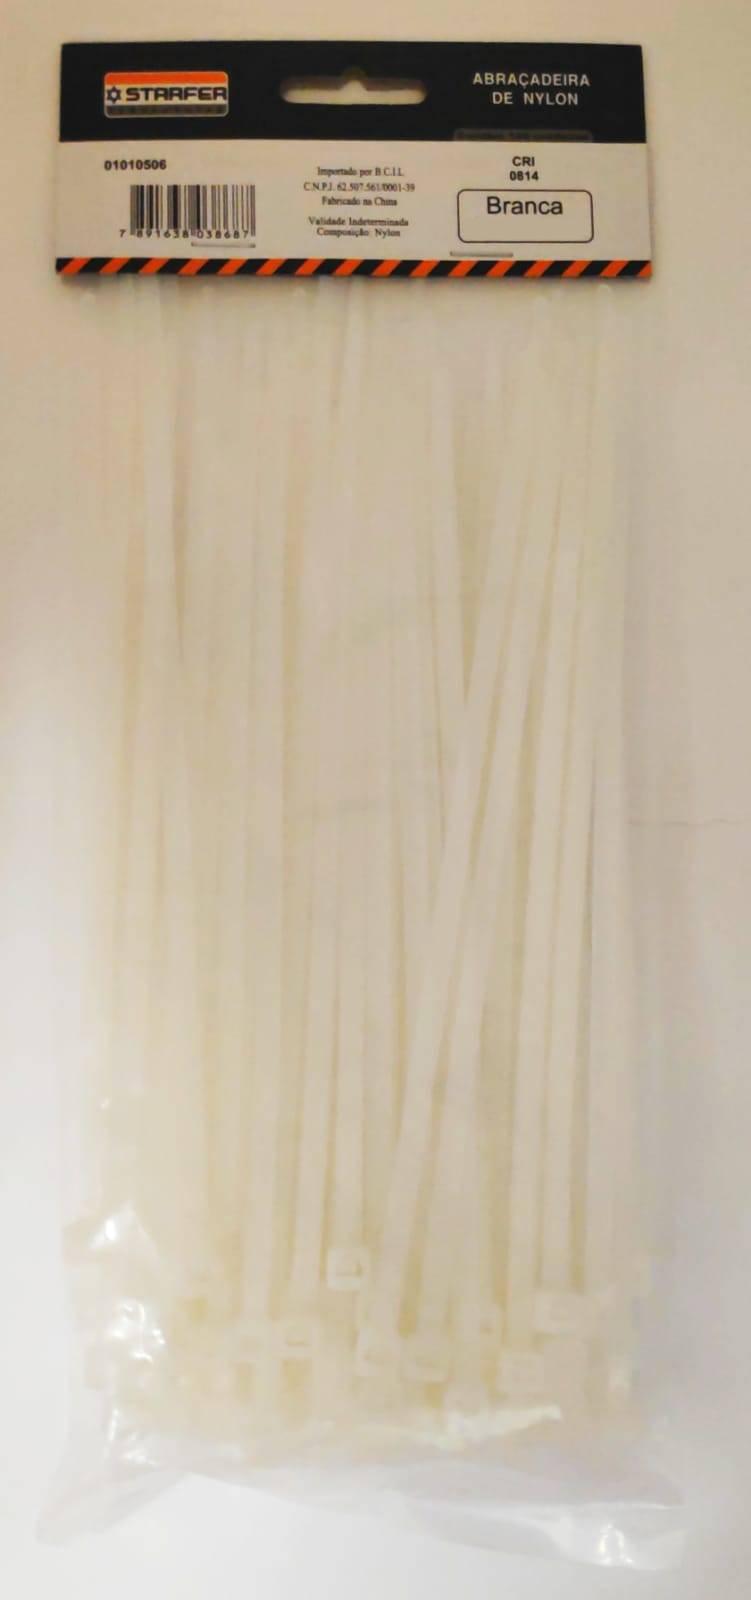 Abraçadeira de Nylon Branca 300mmx3,6mm Com 100 Peças - Starfer